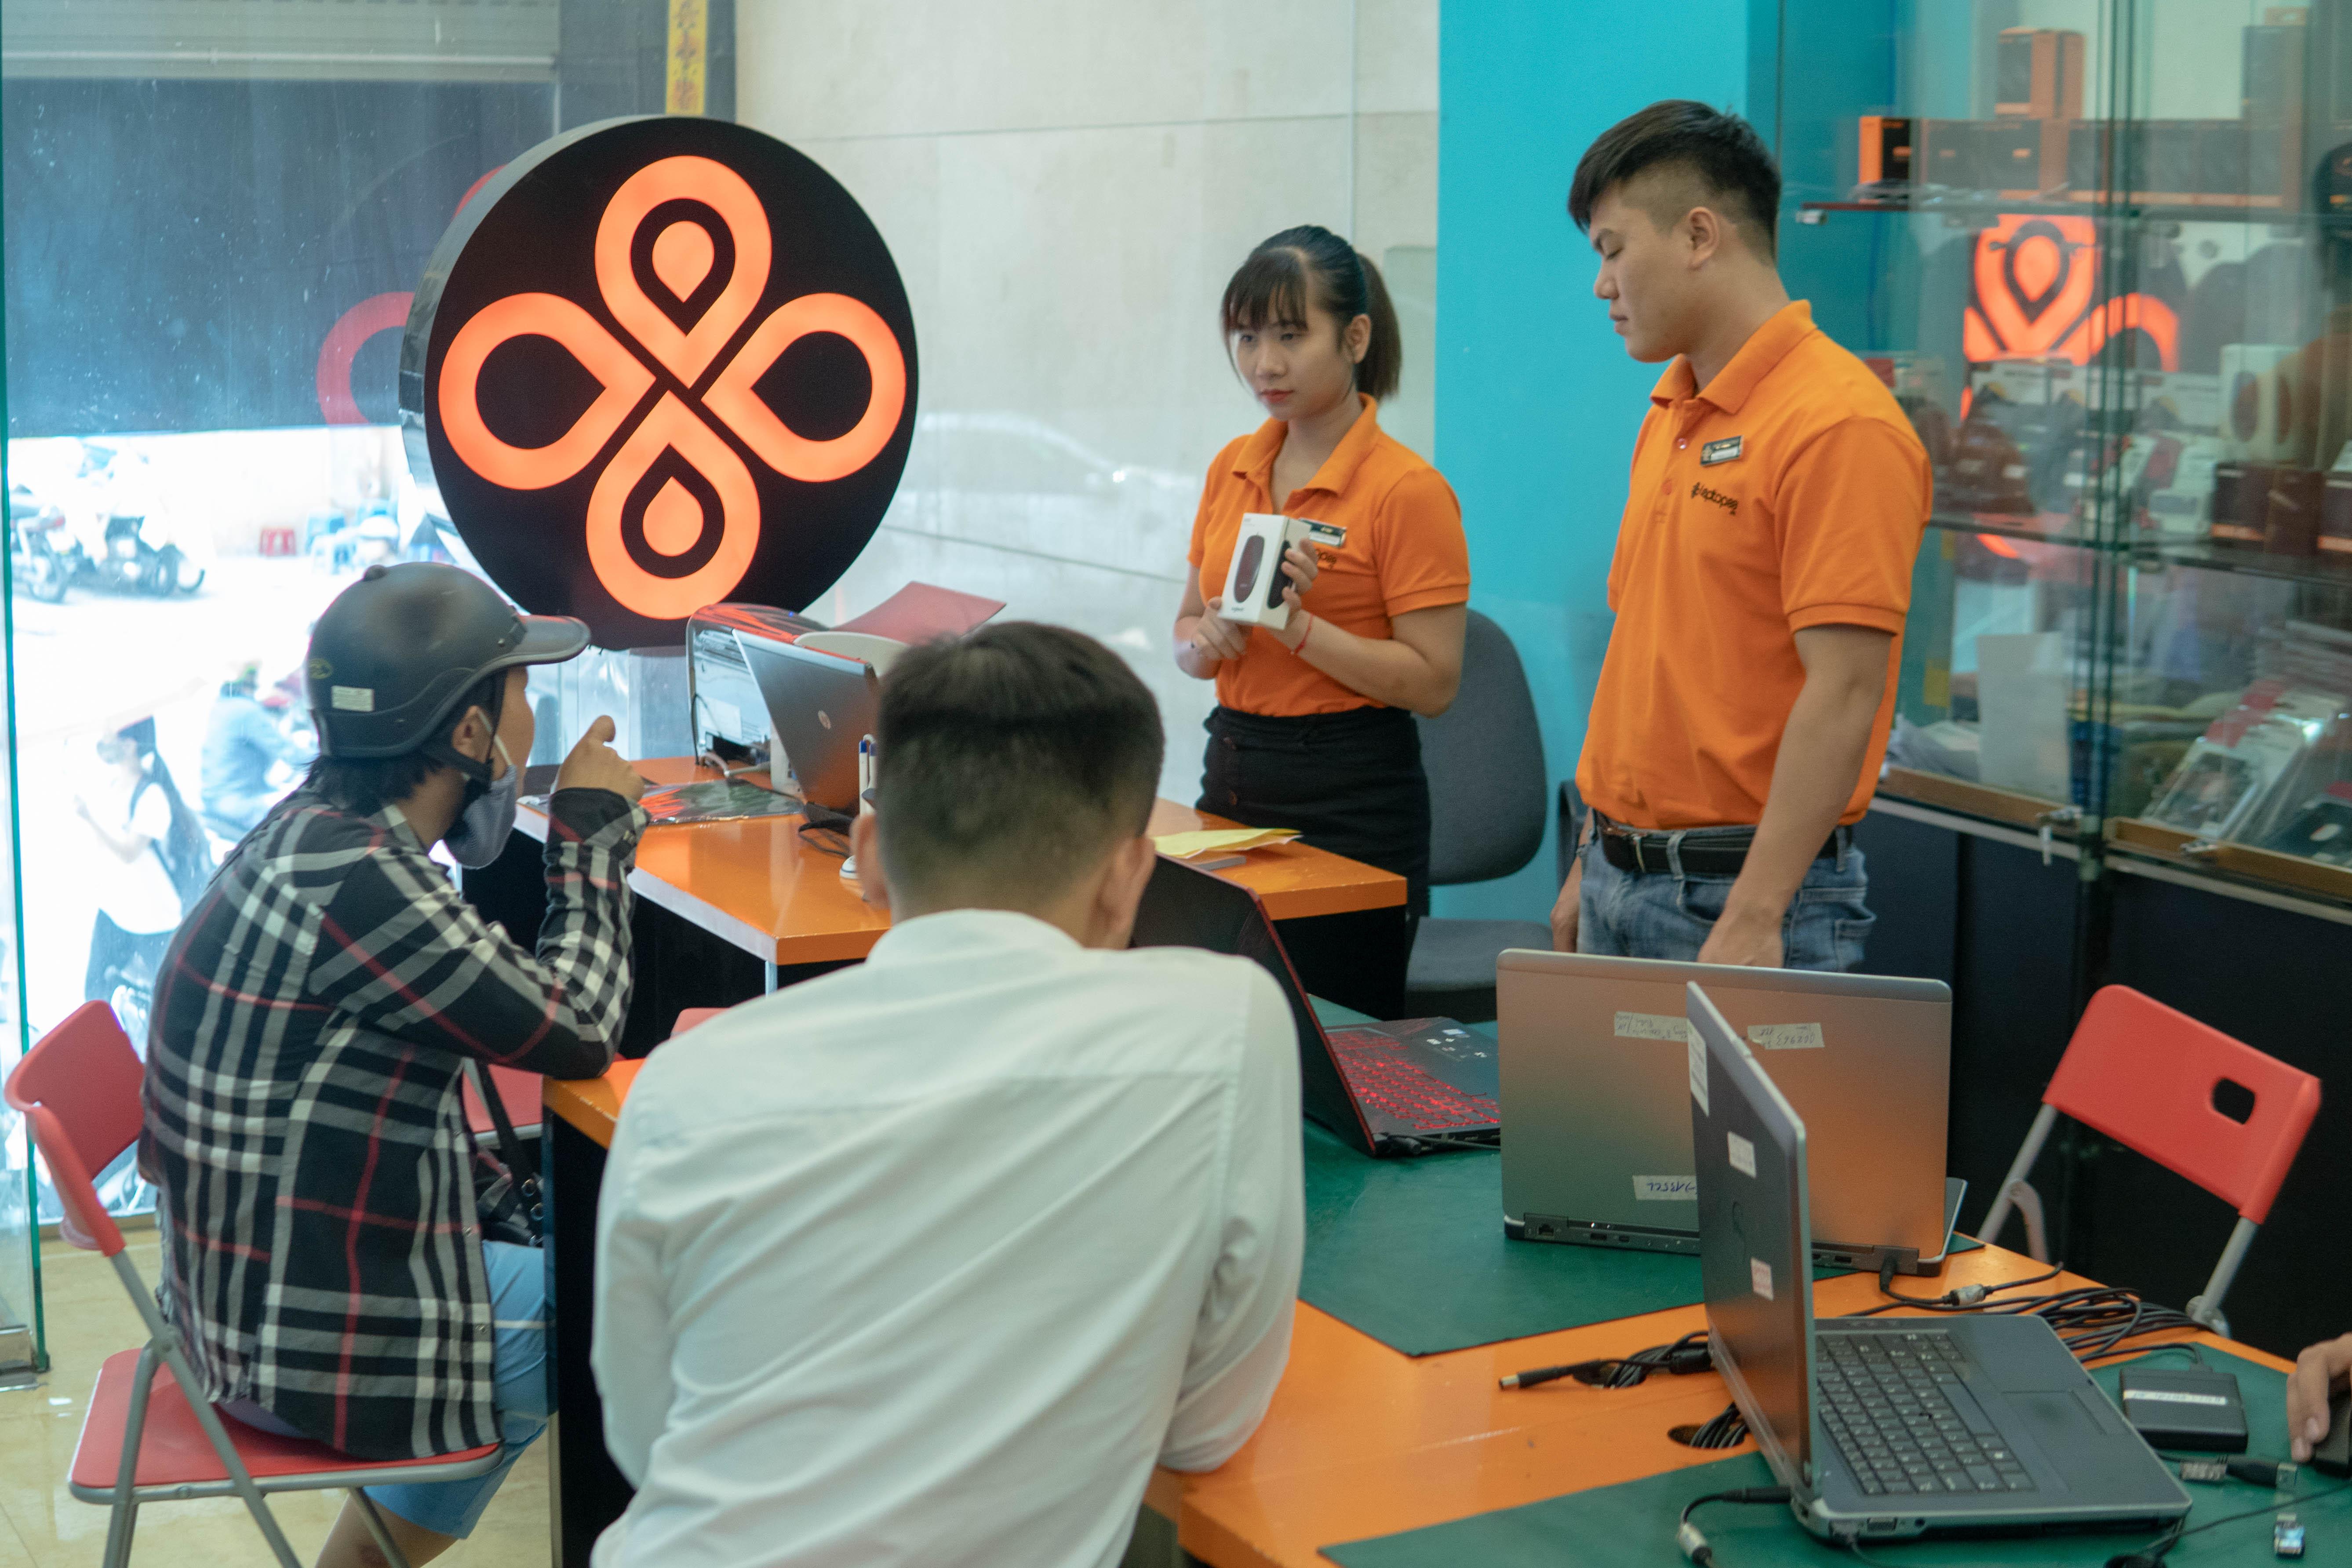 Địa chỉ sửa laptop uy tín Lê Thanh Nghị lấy ngay - Giá rẻ